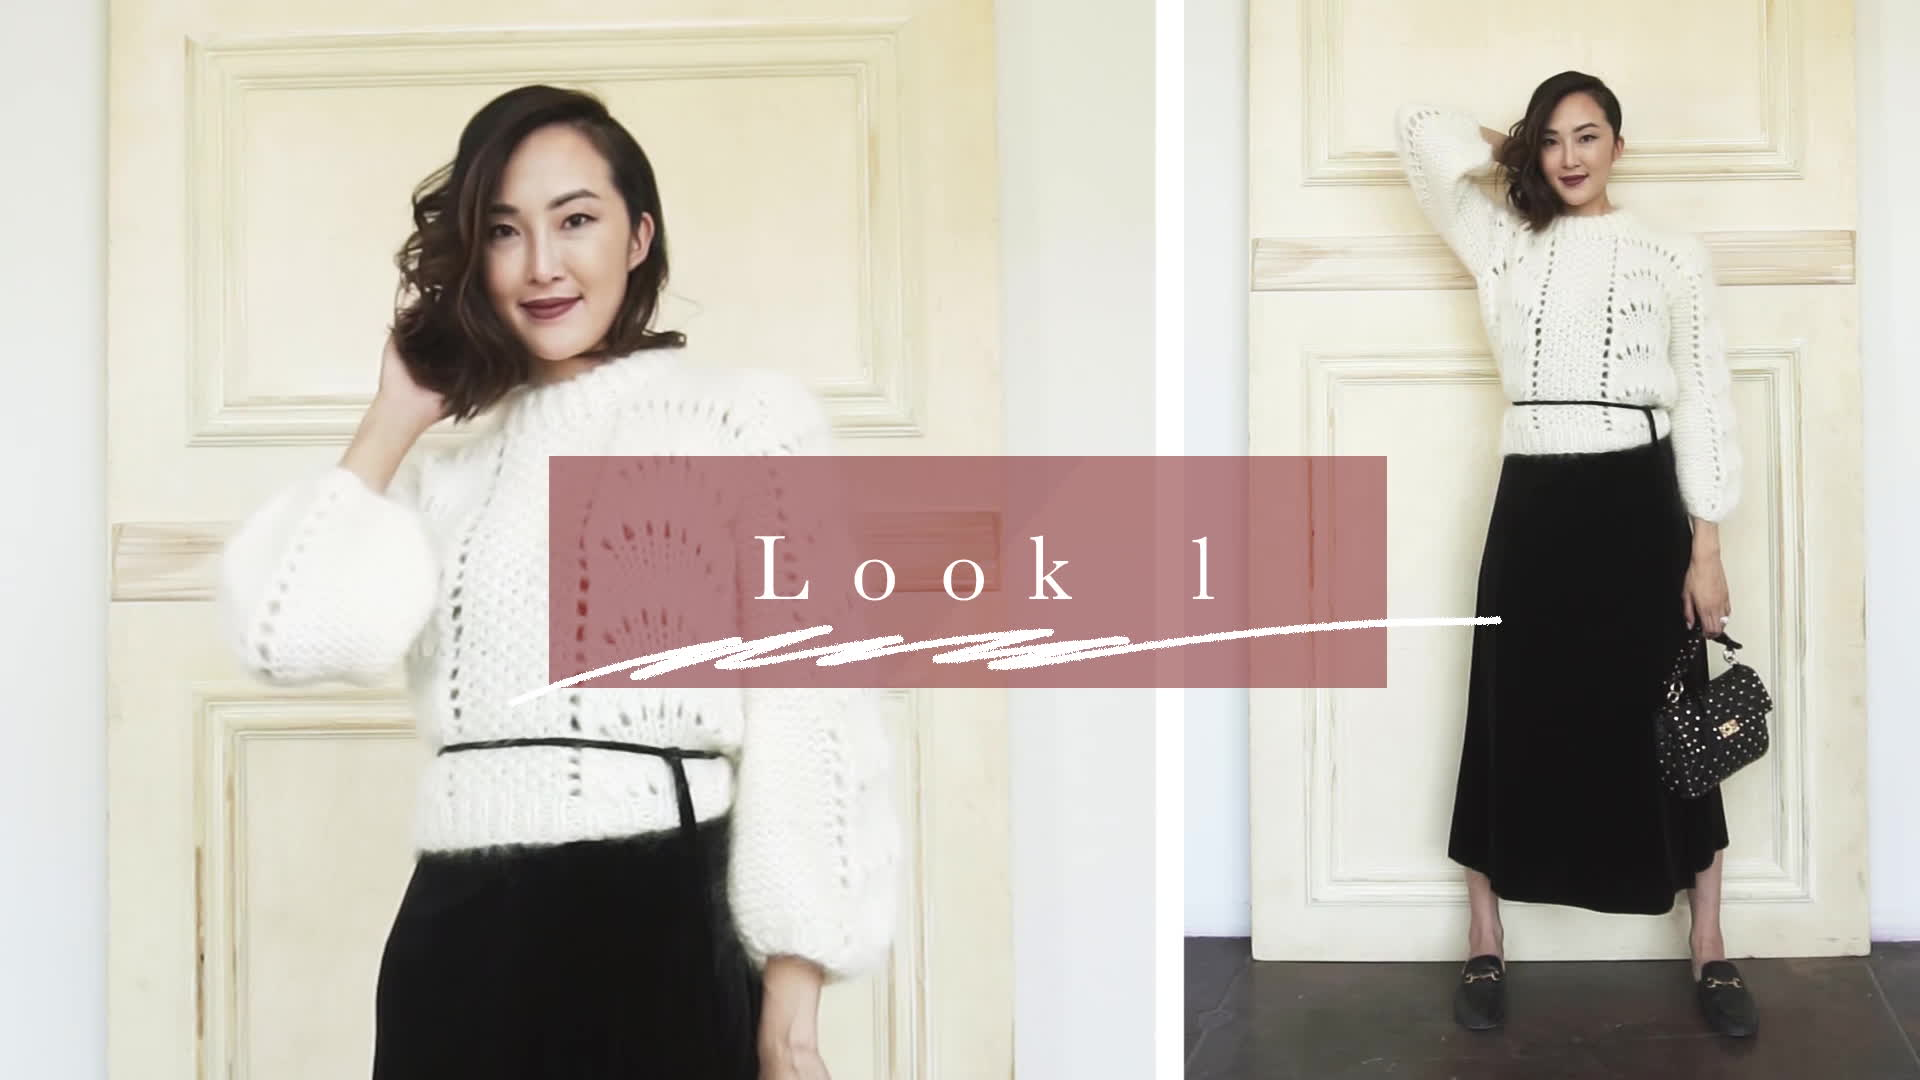 Chỉ với 1 chiếc váy, bạn đã có thể biến hóa muôn vàn phong cách như nàng fashion blogger Chriselle Lim